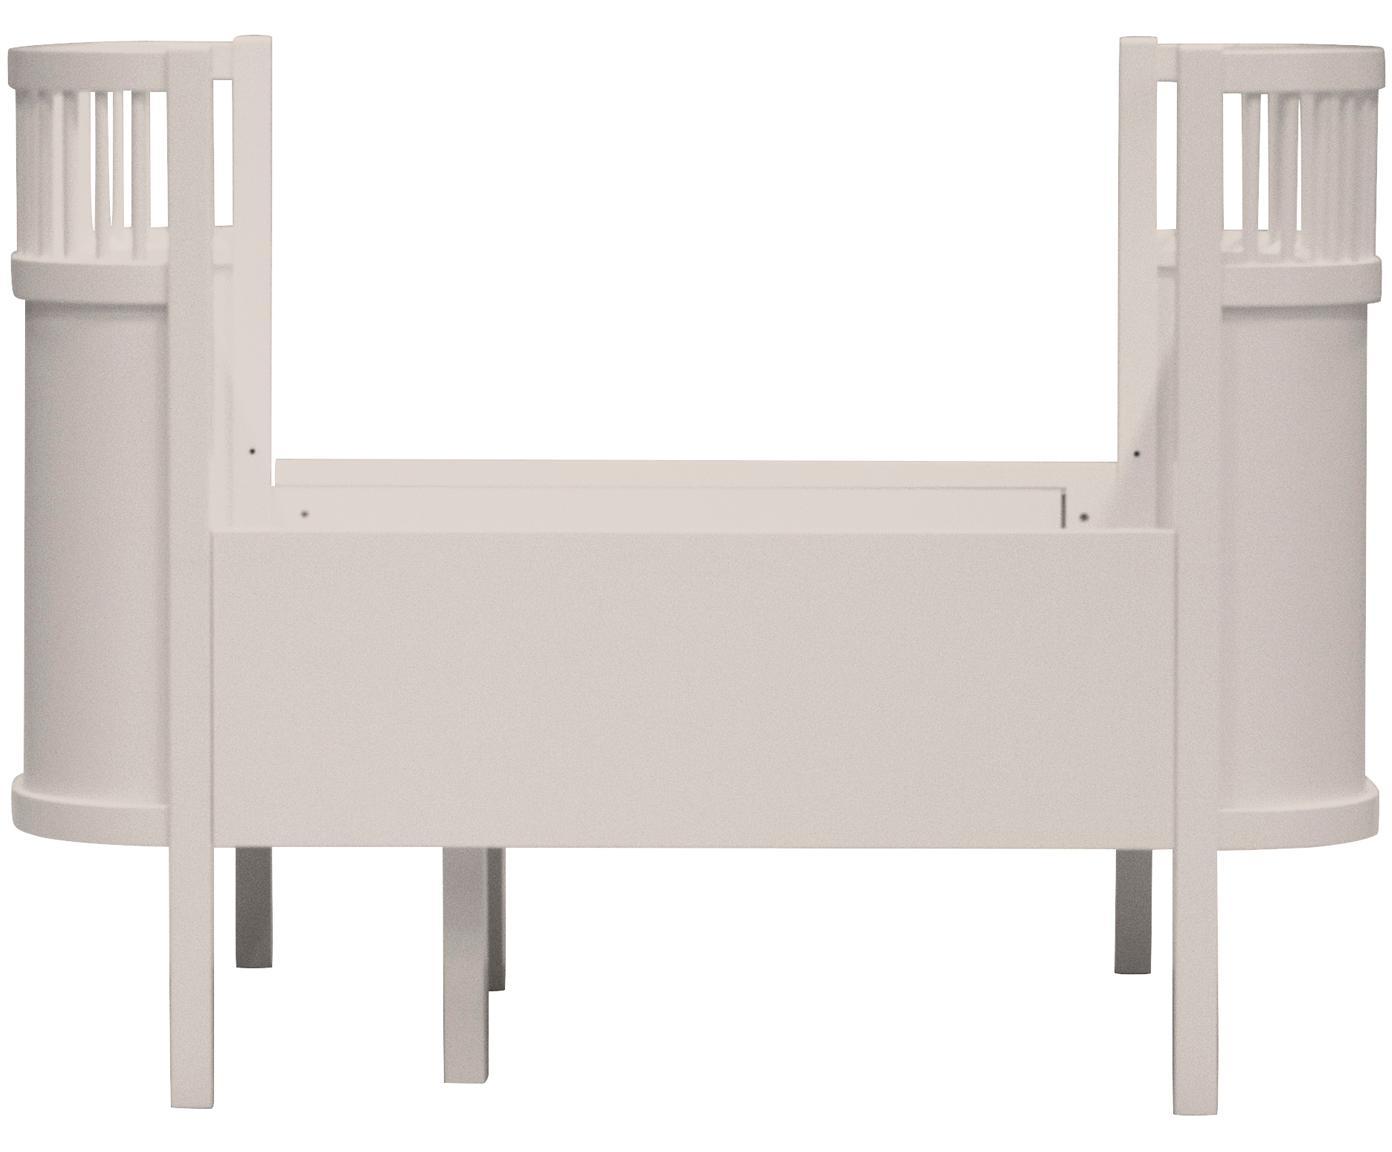 Baby-Bett Junior, Birkenholz, lackiert, Beige, 115 x 88 cm